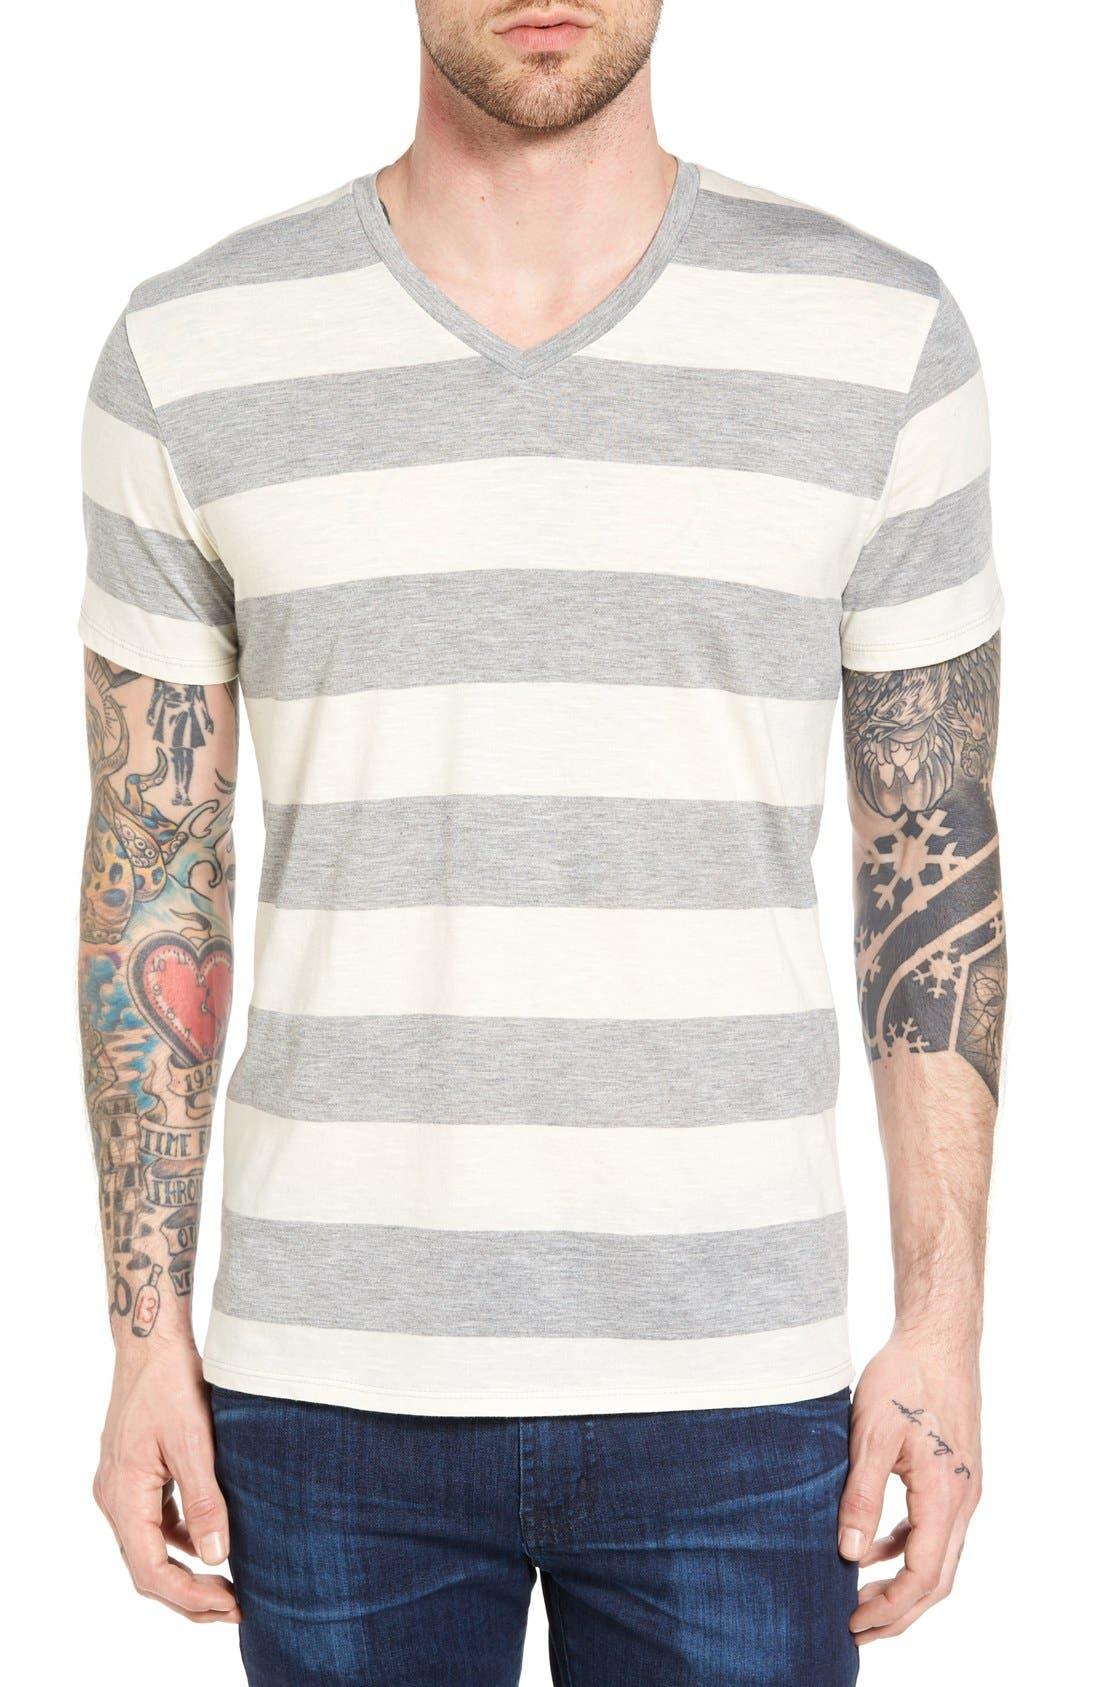 THE RAIL Stripe V-Neck T-Shirt